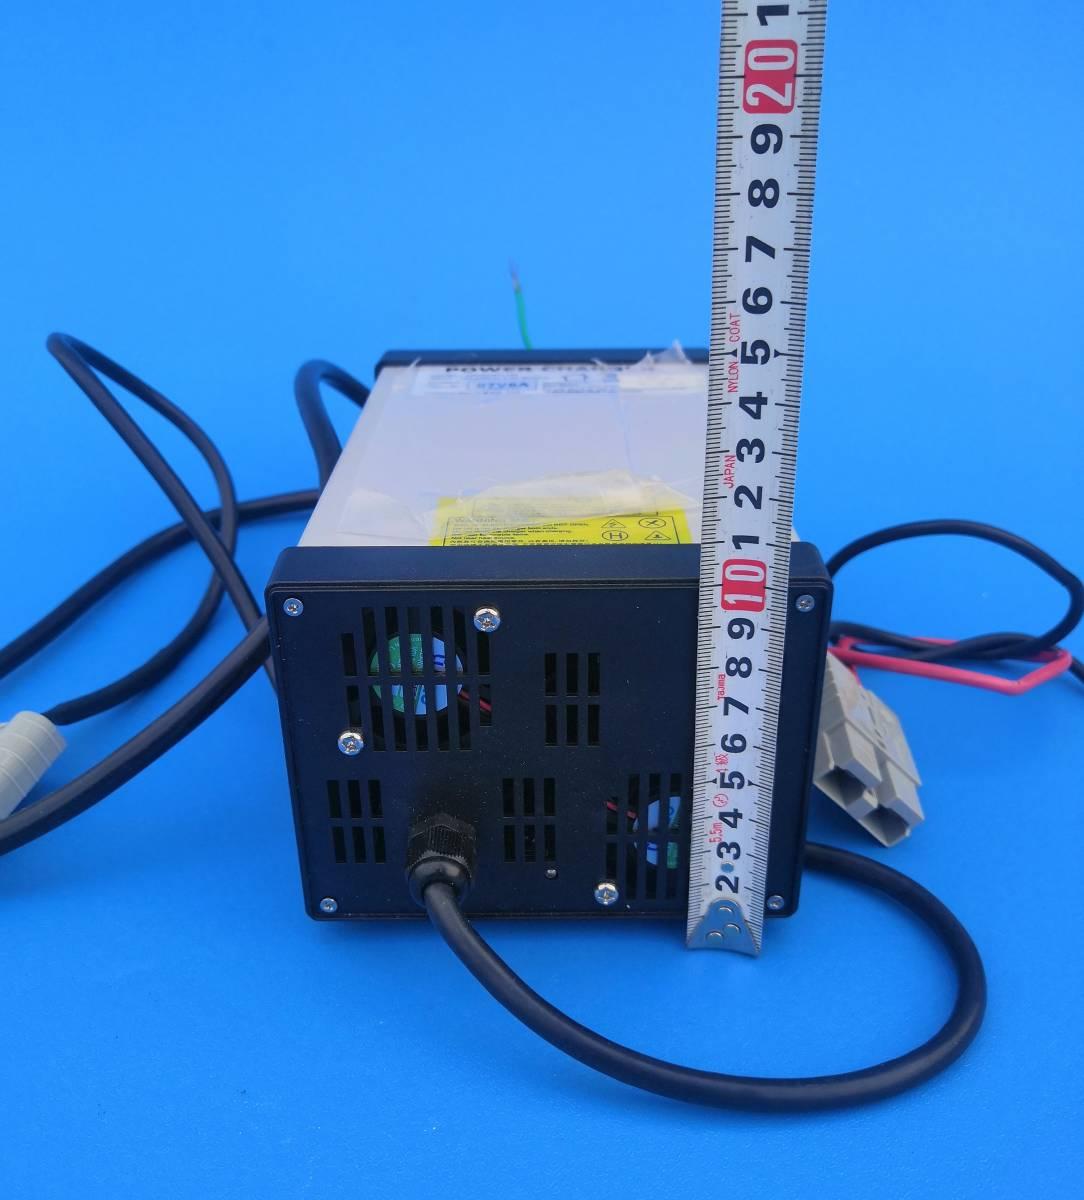 鉛バッテリー6本直列充電器コムスのバッテリー充電に充電器故障したコムスへの充電に使えます_画像5